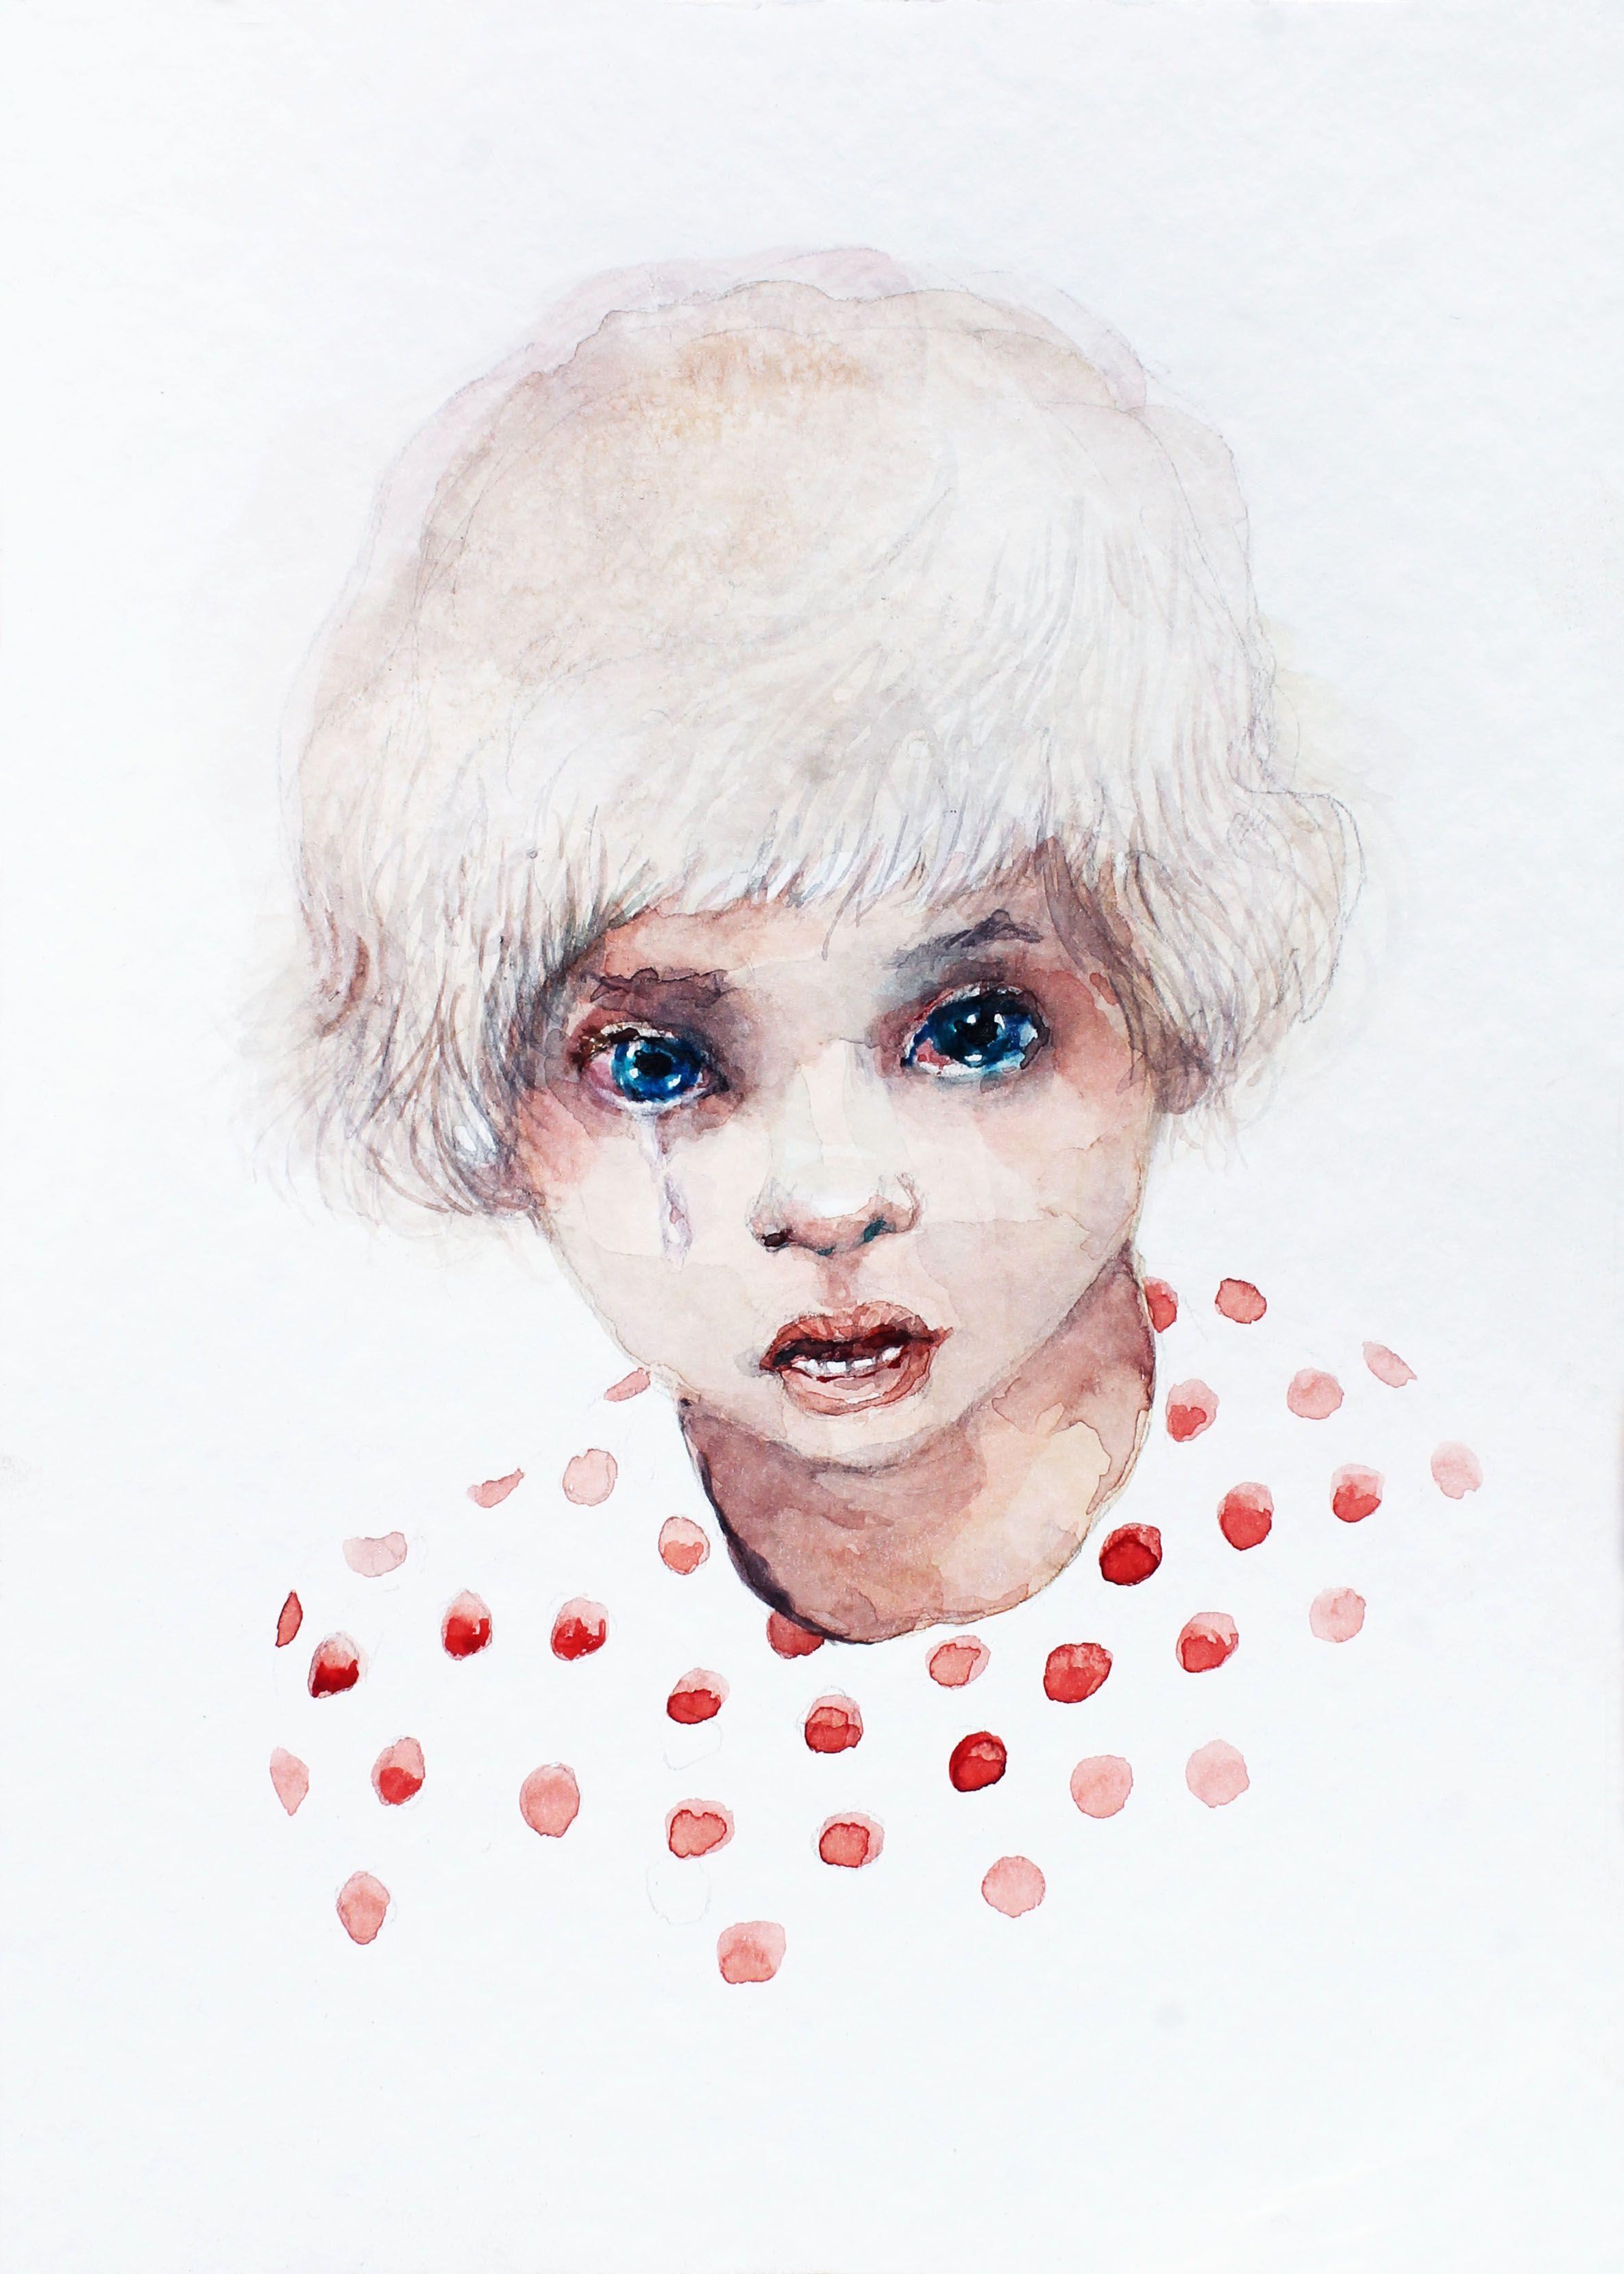 Abstract Watercolor Portrait Painting Romanticize Our Demise